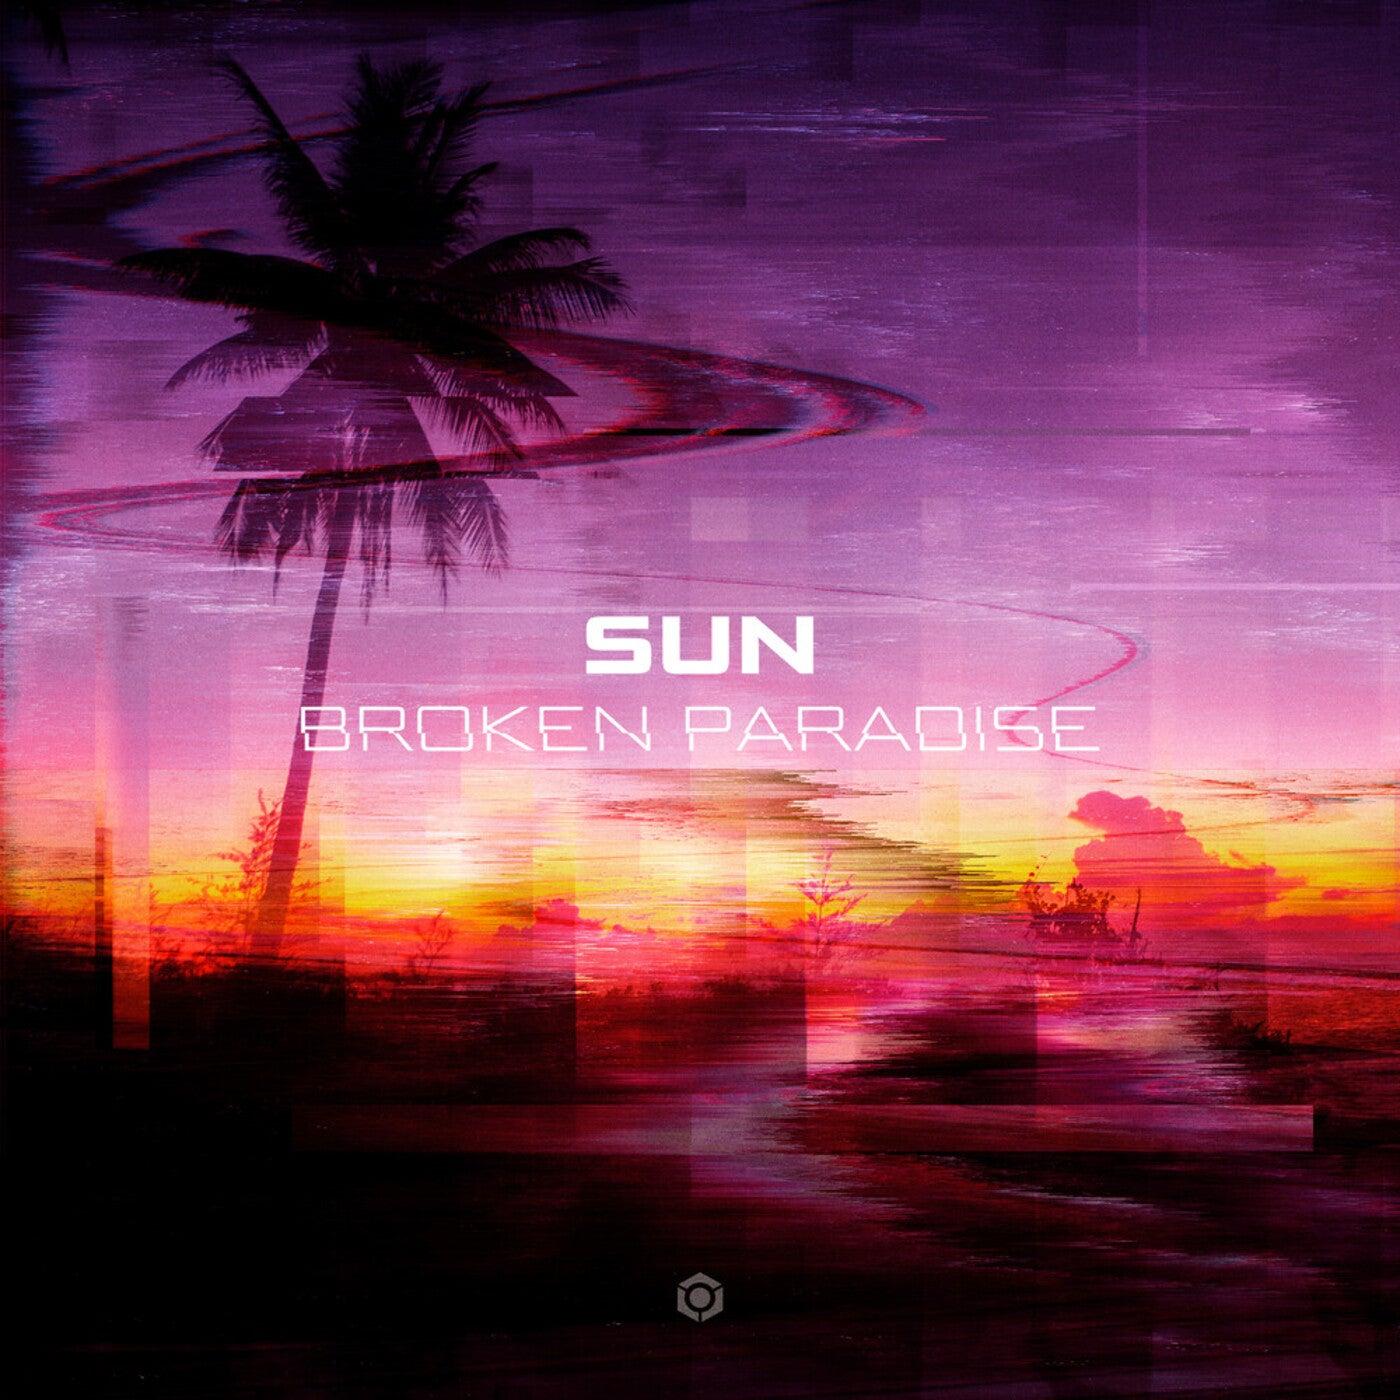 Broken Paradise (Original Mix)